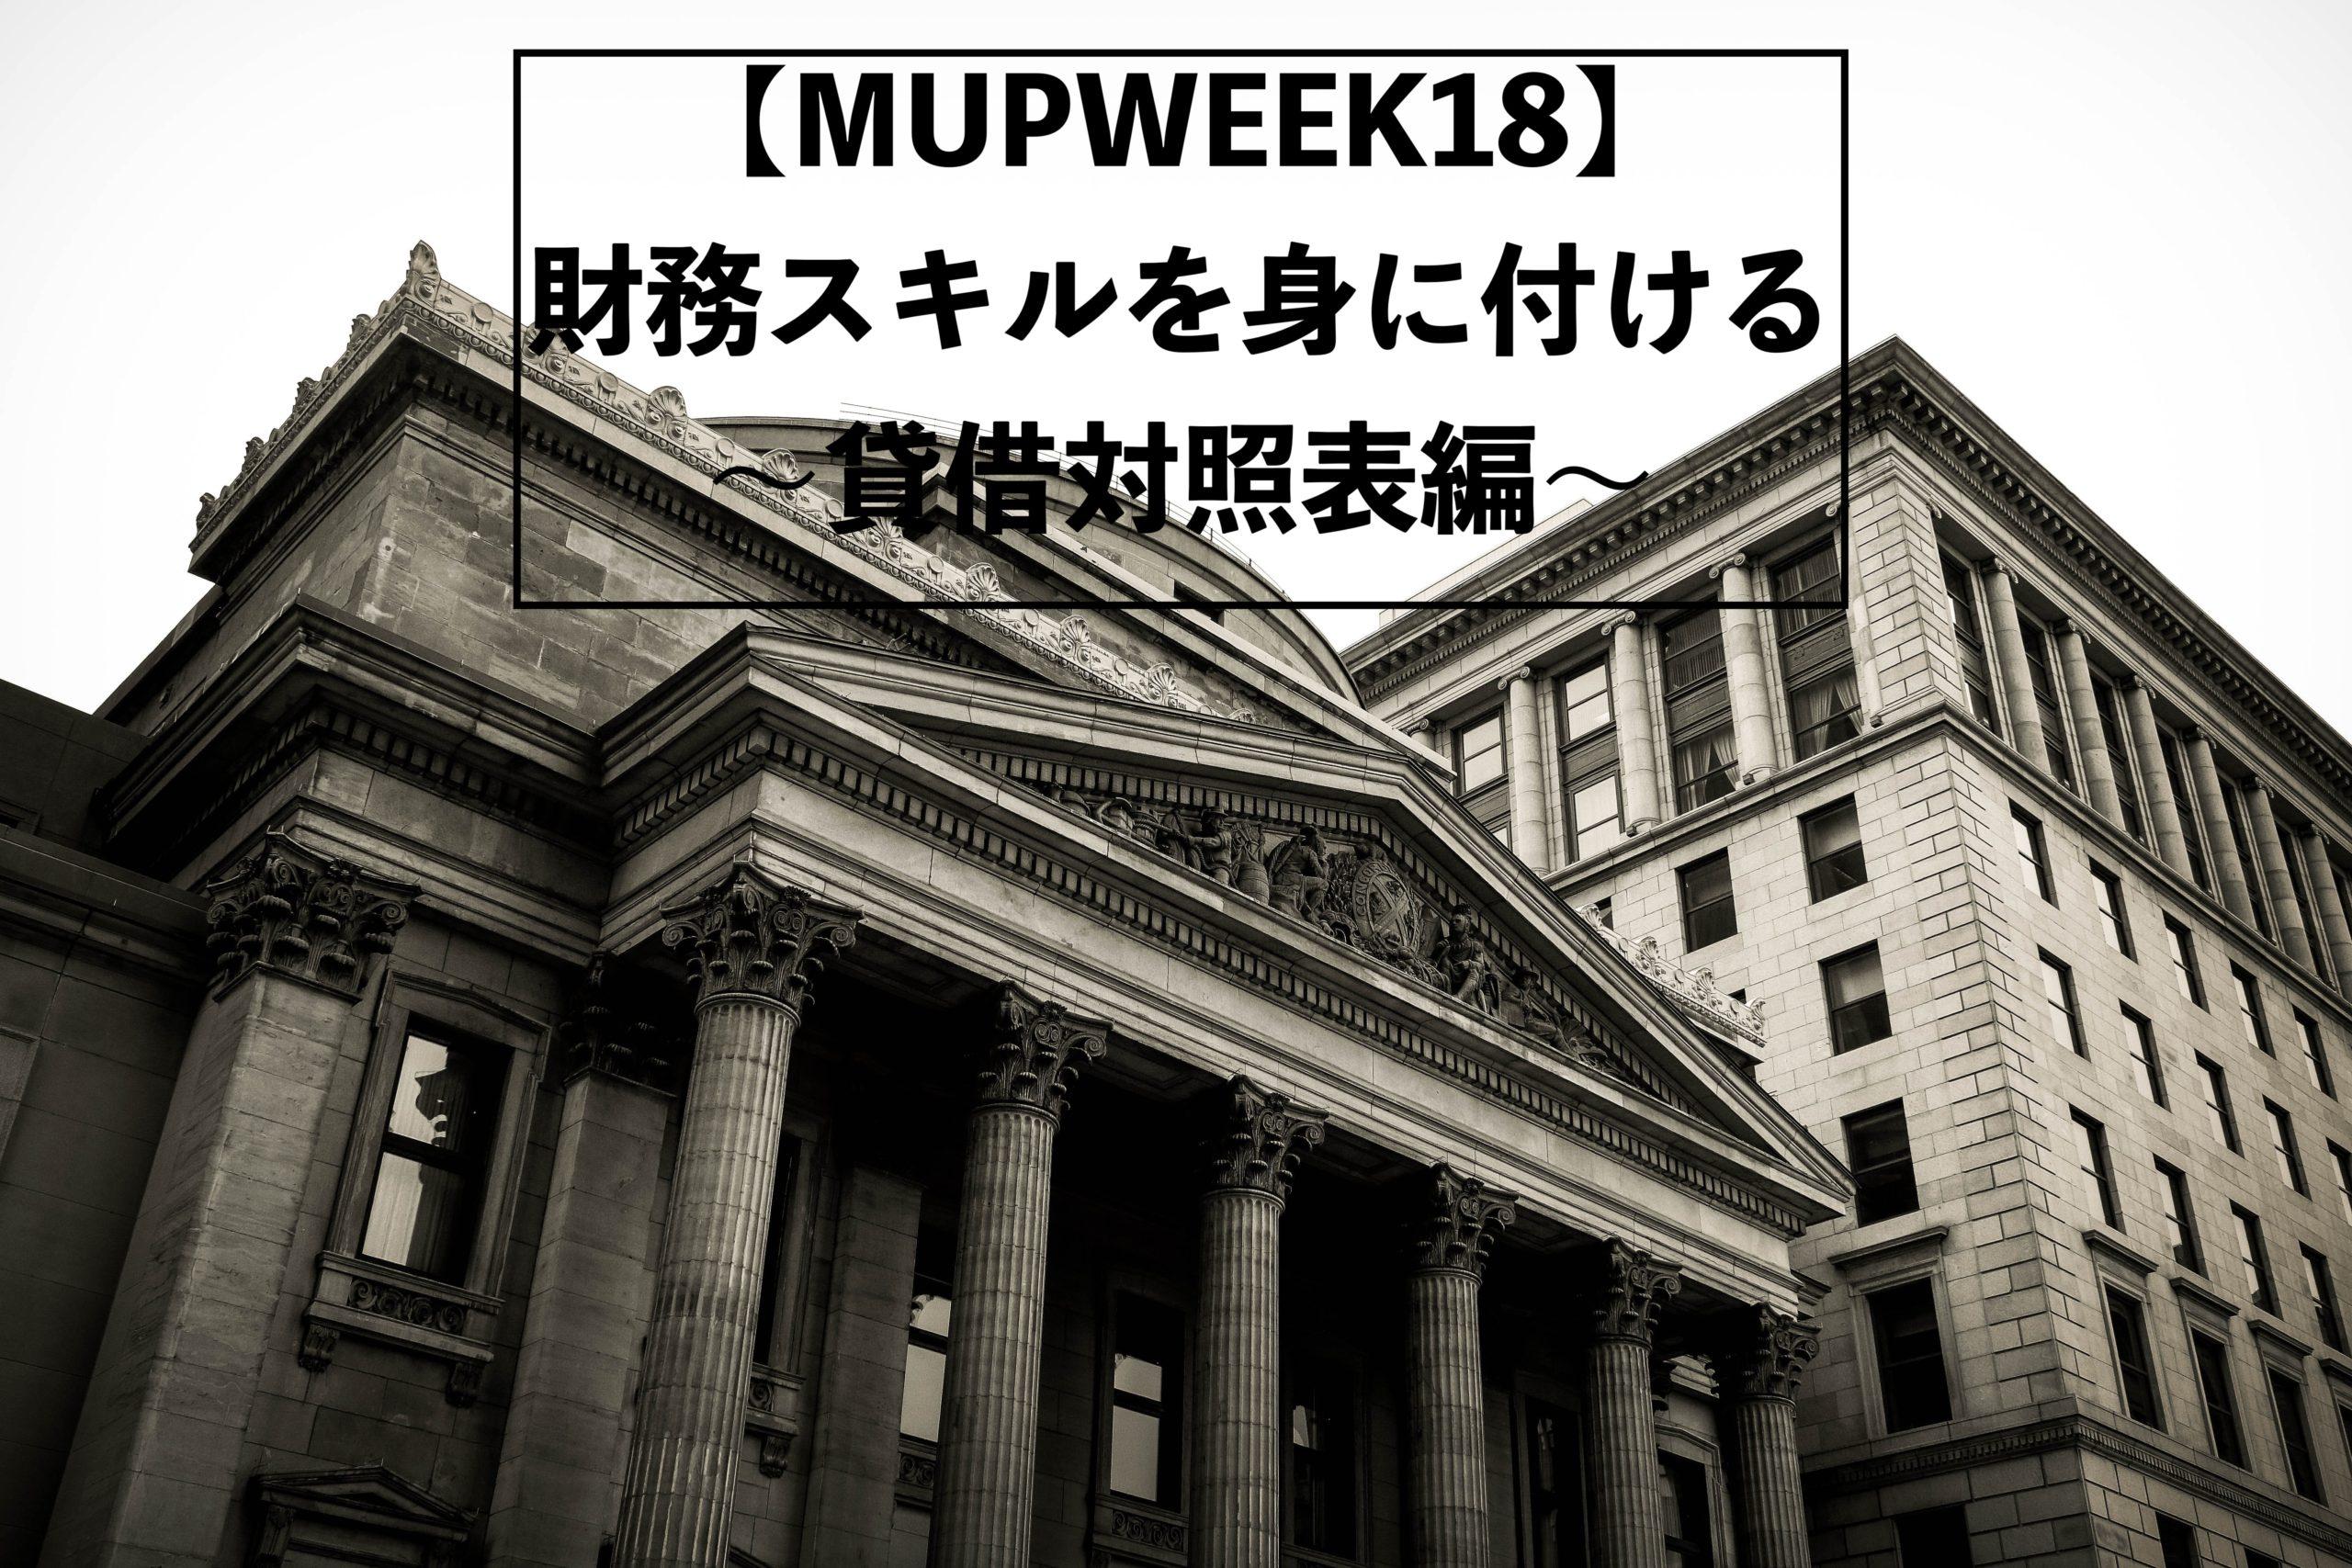 MUPWEEK18